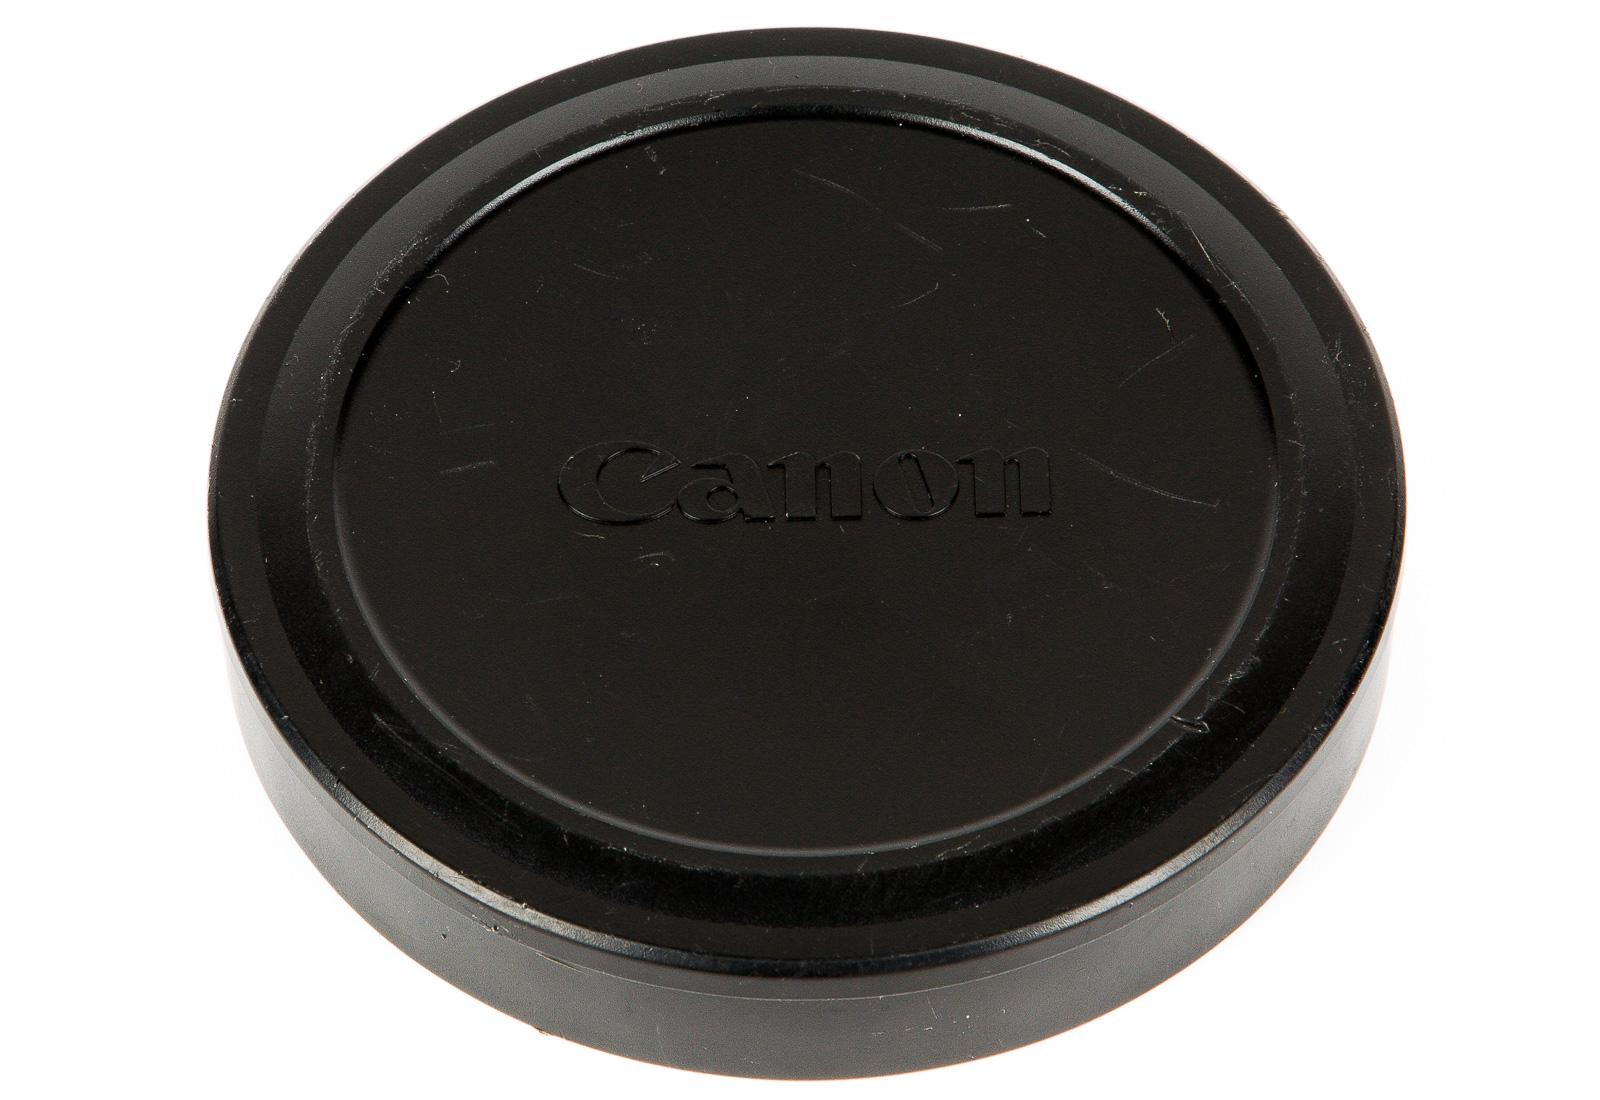 Rent A Canon Cn E 30 105mm T2 8 L S Ef At Lensprotogo Com